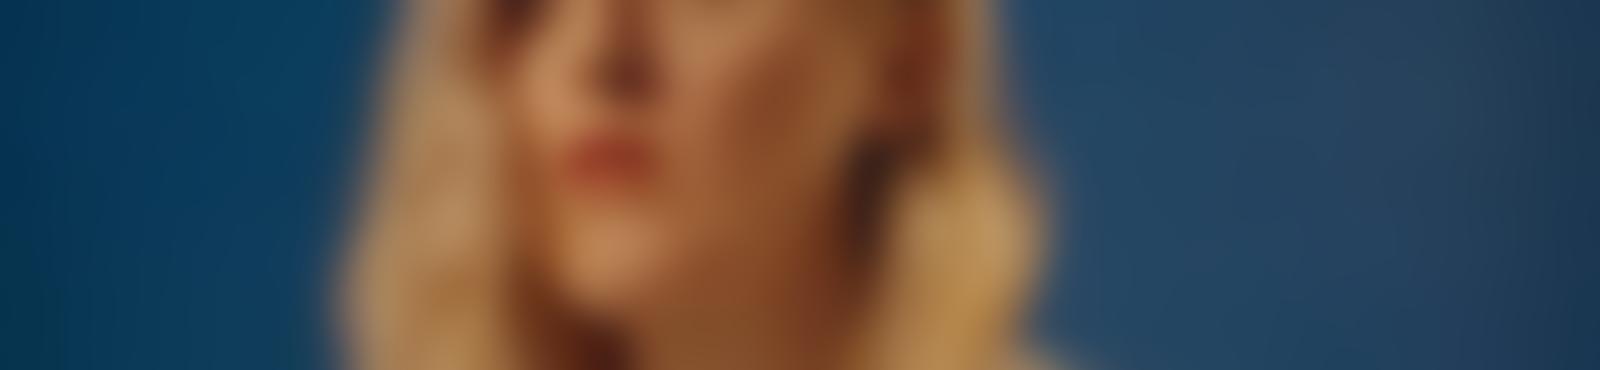 Blurred b8c56301 88e8 4012 b8f8 7ecf453d1fab